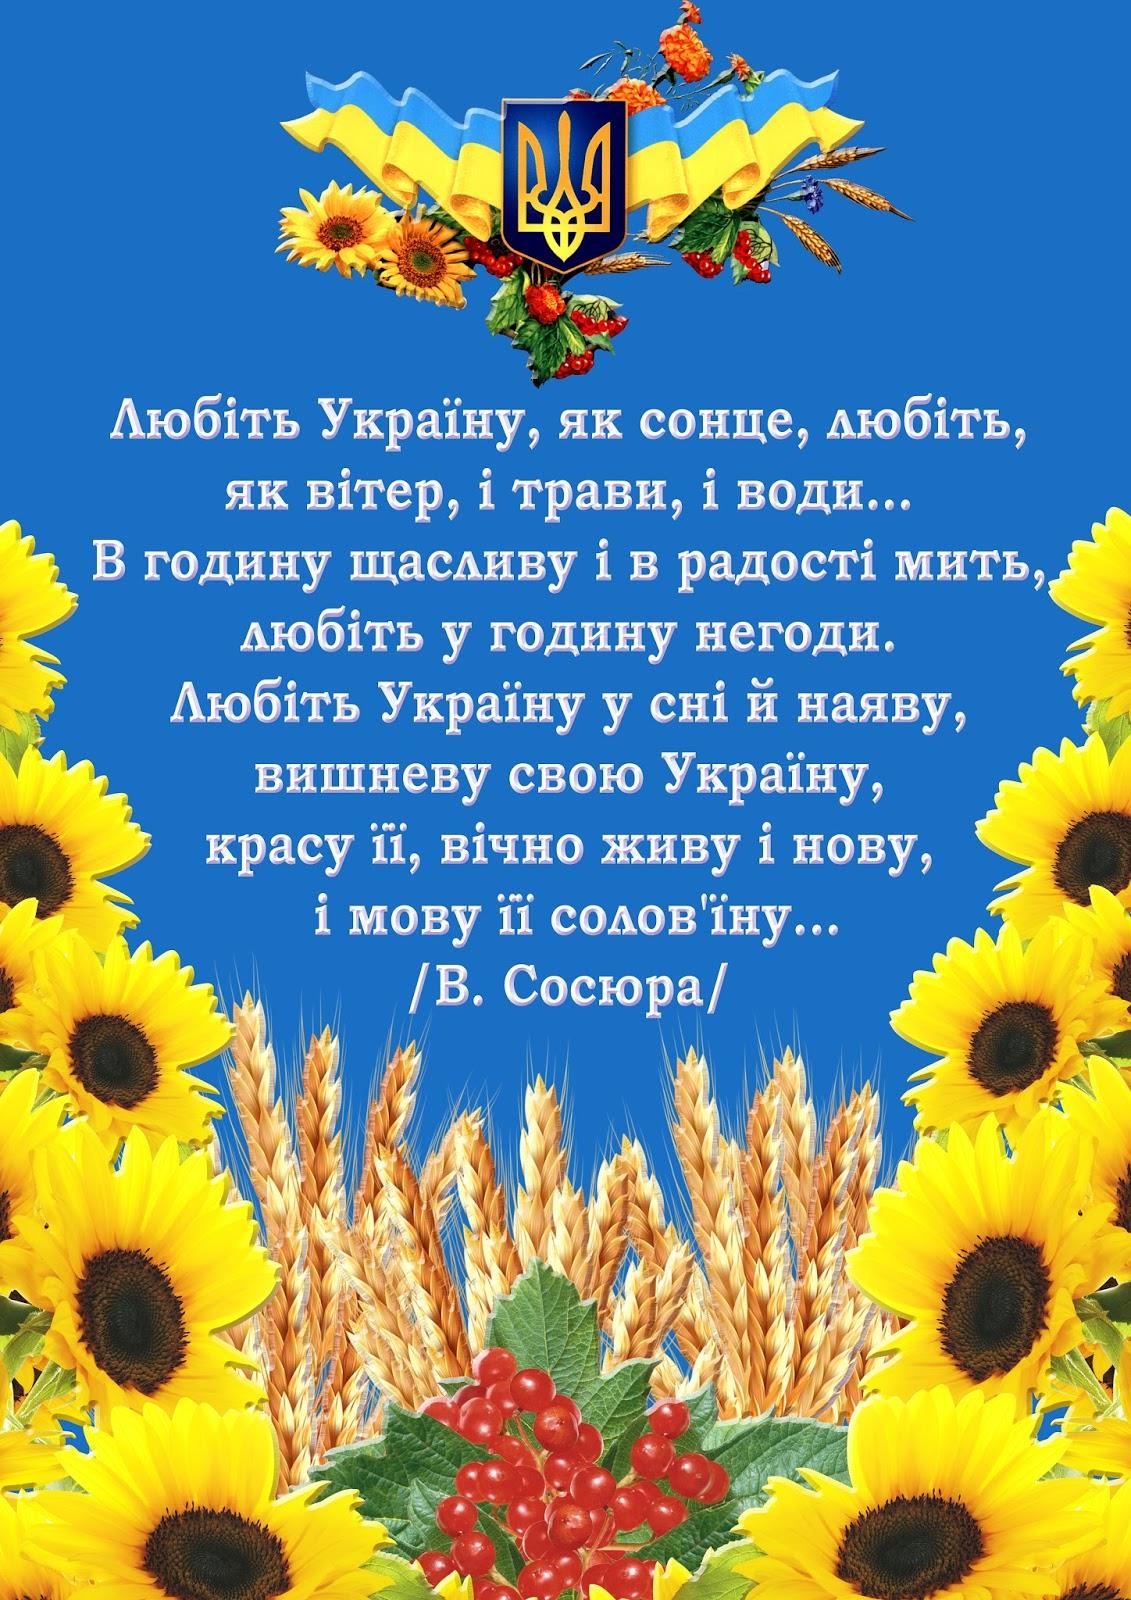 вислови про українську символіку редакции показал, что